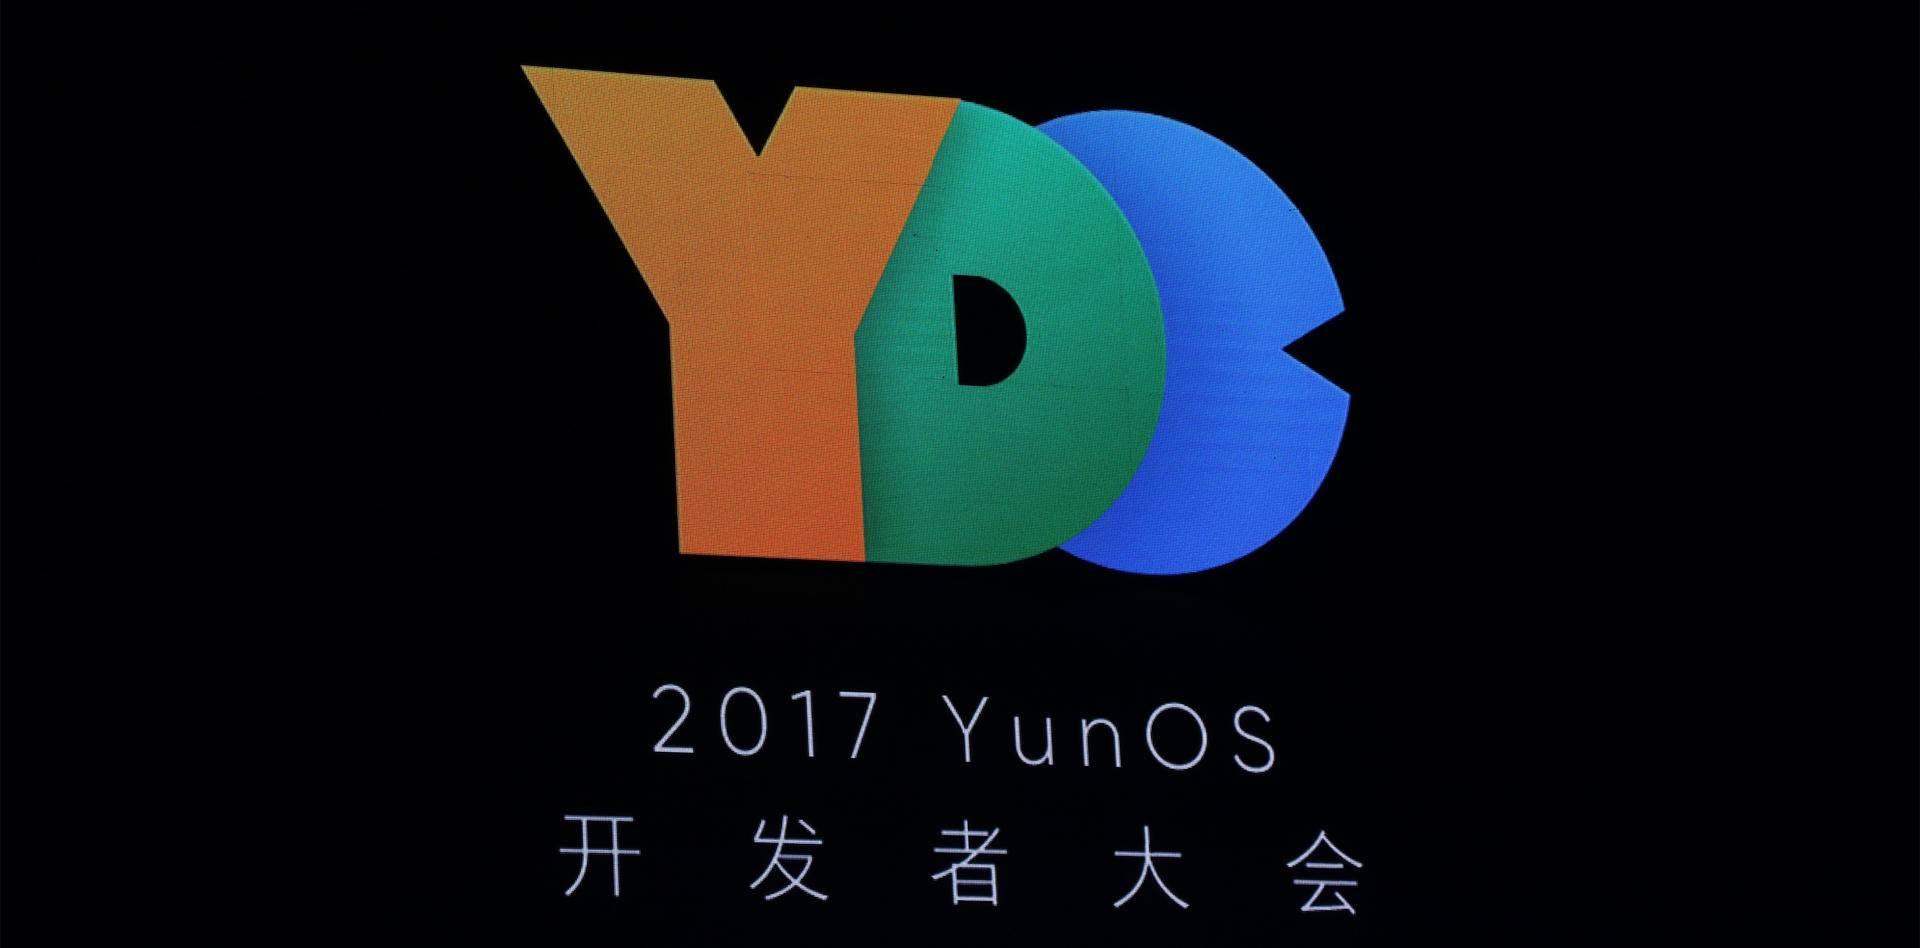 联合纵横剑指5G 阿里发YunOS 6抄安卓后路